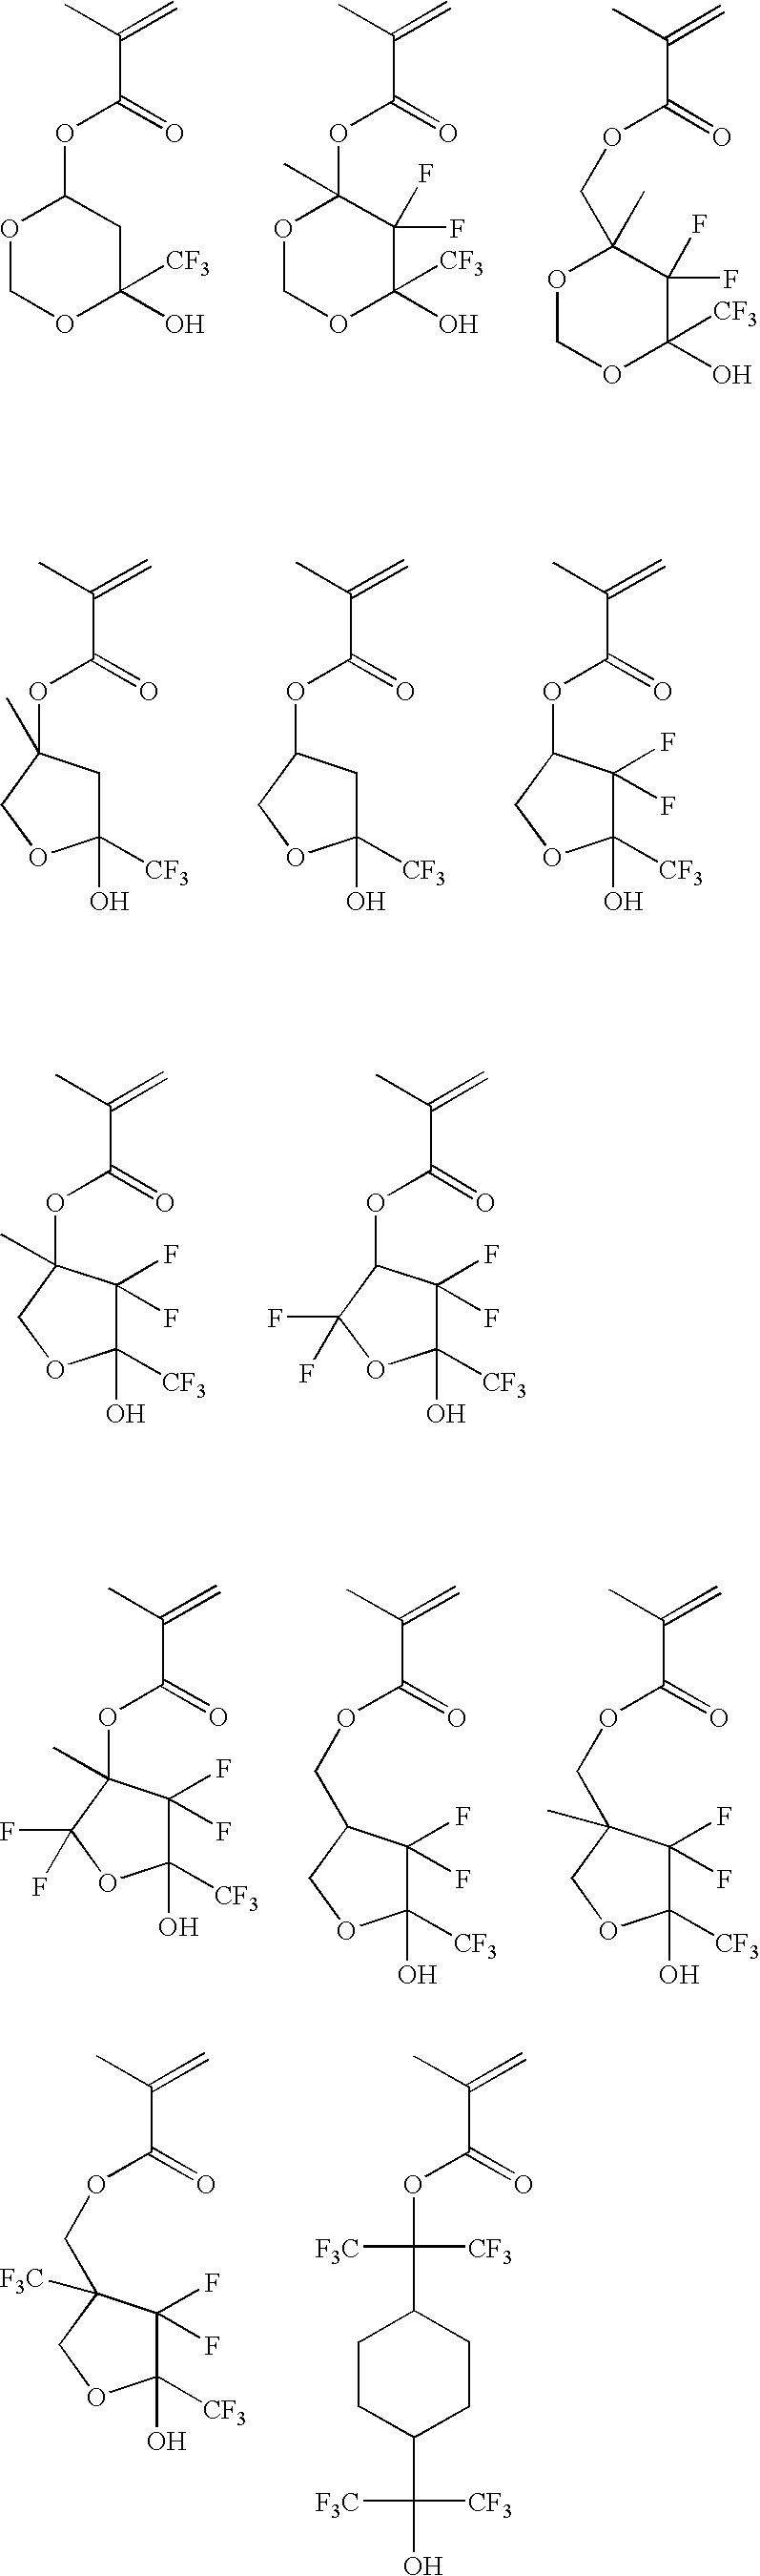 Figure US08129086-20120306-C00028